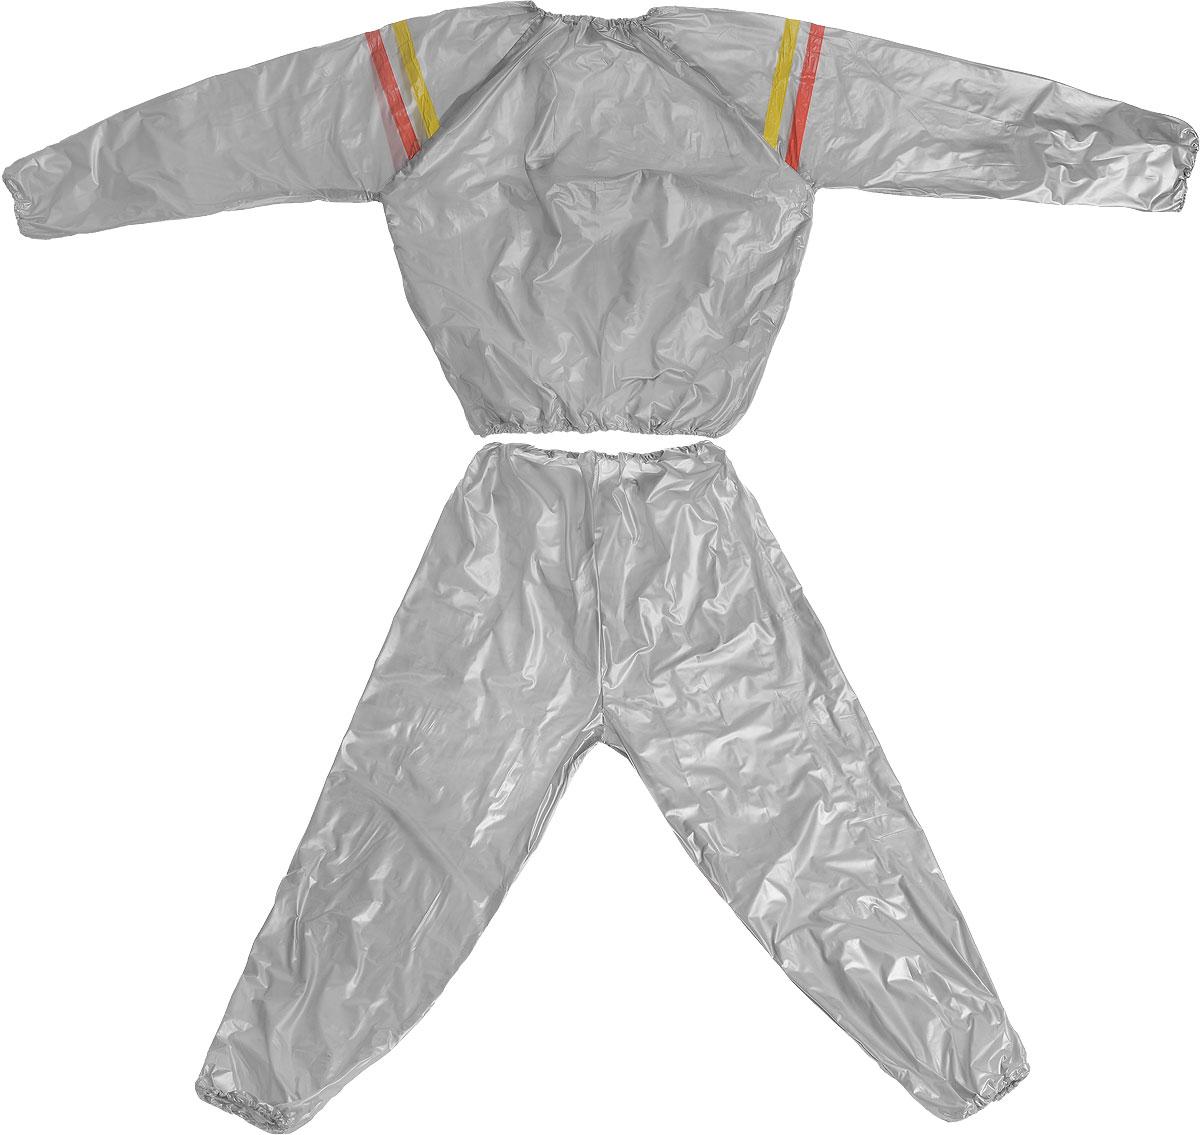 Костюм сауна Ironmaster, цвет: серый, желтый. Размер XLIR97901_XLКостюм-сауна Ironmaster изготовлен из ПВХ. Предназначен для интенсивного сброса веса во время занятий аэробикой и атлетикой. Эффект основан на тепловом балансе организма. Костюм-сауна, созданный для профессиональных спортсменов с целью быстрого сбрасывания веса перед соревнованиями, сегодня широко используется обычными людьми. Костюм подходит и для женщин, и для мужчин. При использовании этого костюма у вас пропадает лишний вес, калории сжигаются в несколько раз быстрее, чем во время обычных физических нагрузок, а вы выглядите с каждым днем все более привлекательно.